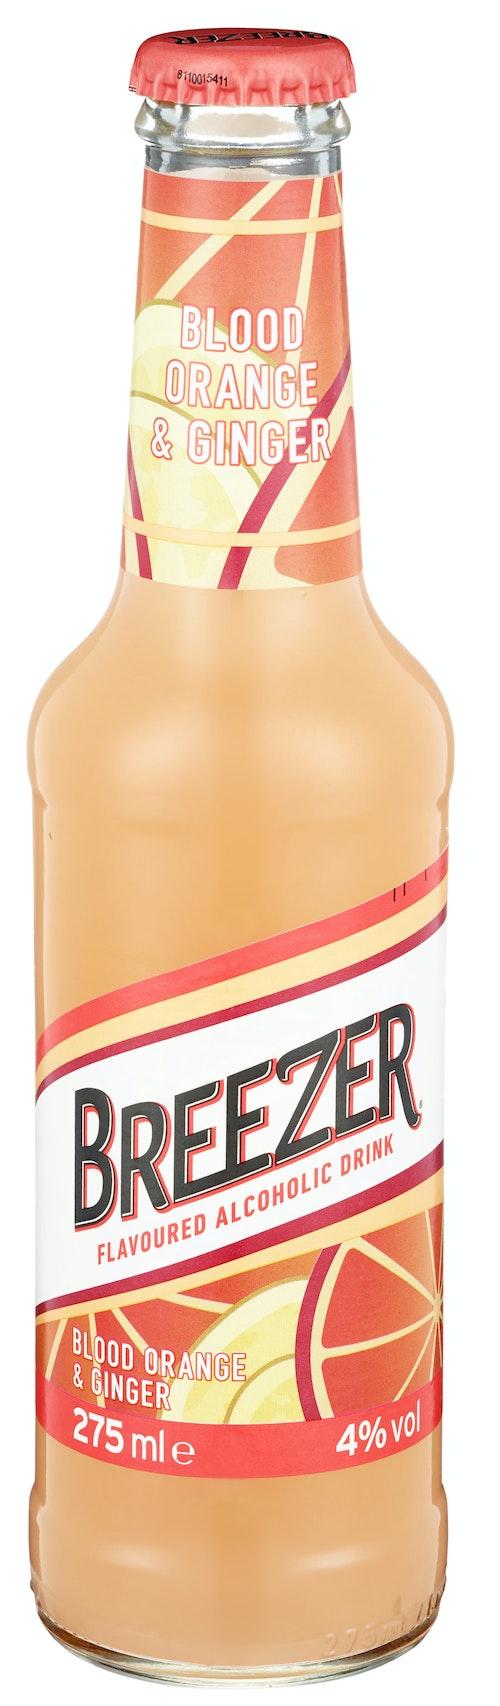 Bacardi Bacardi Breezer Blood Orange & Ginger 275 ml